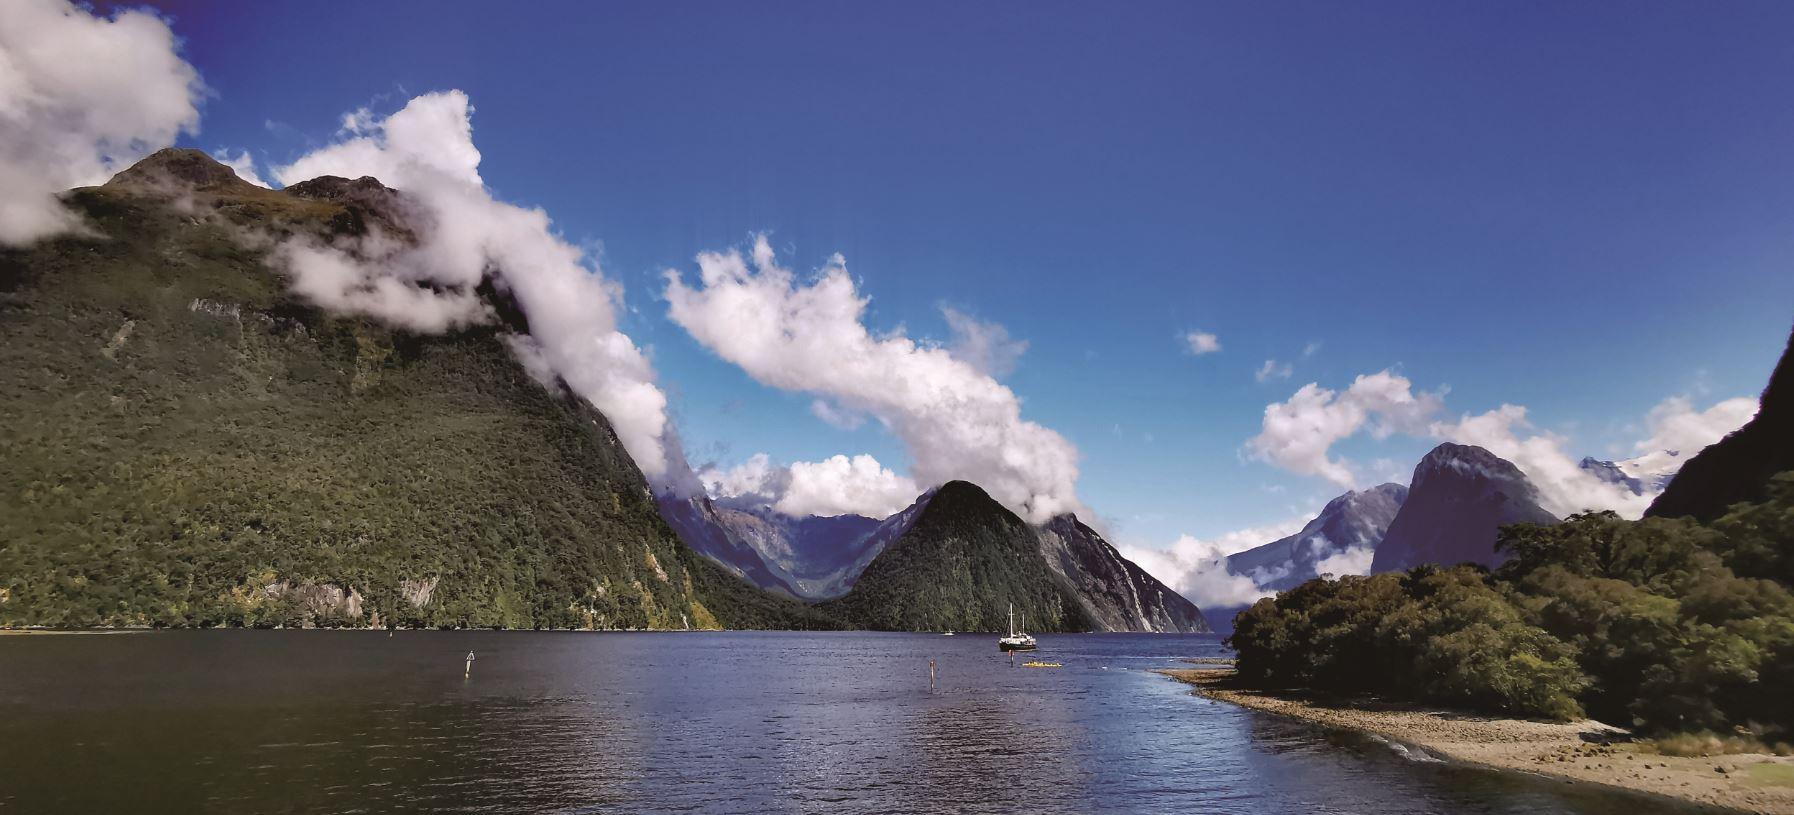 跟著深度旅行家馬繼康看世界遺產 | 紐西蘭─大自然的冰與火之歌 (上)